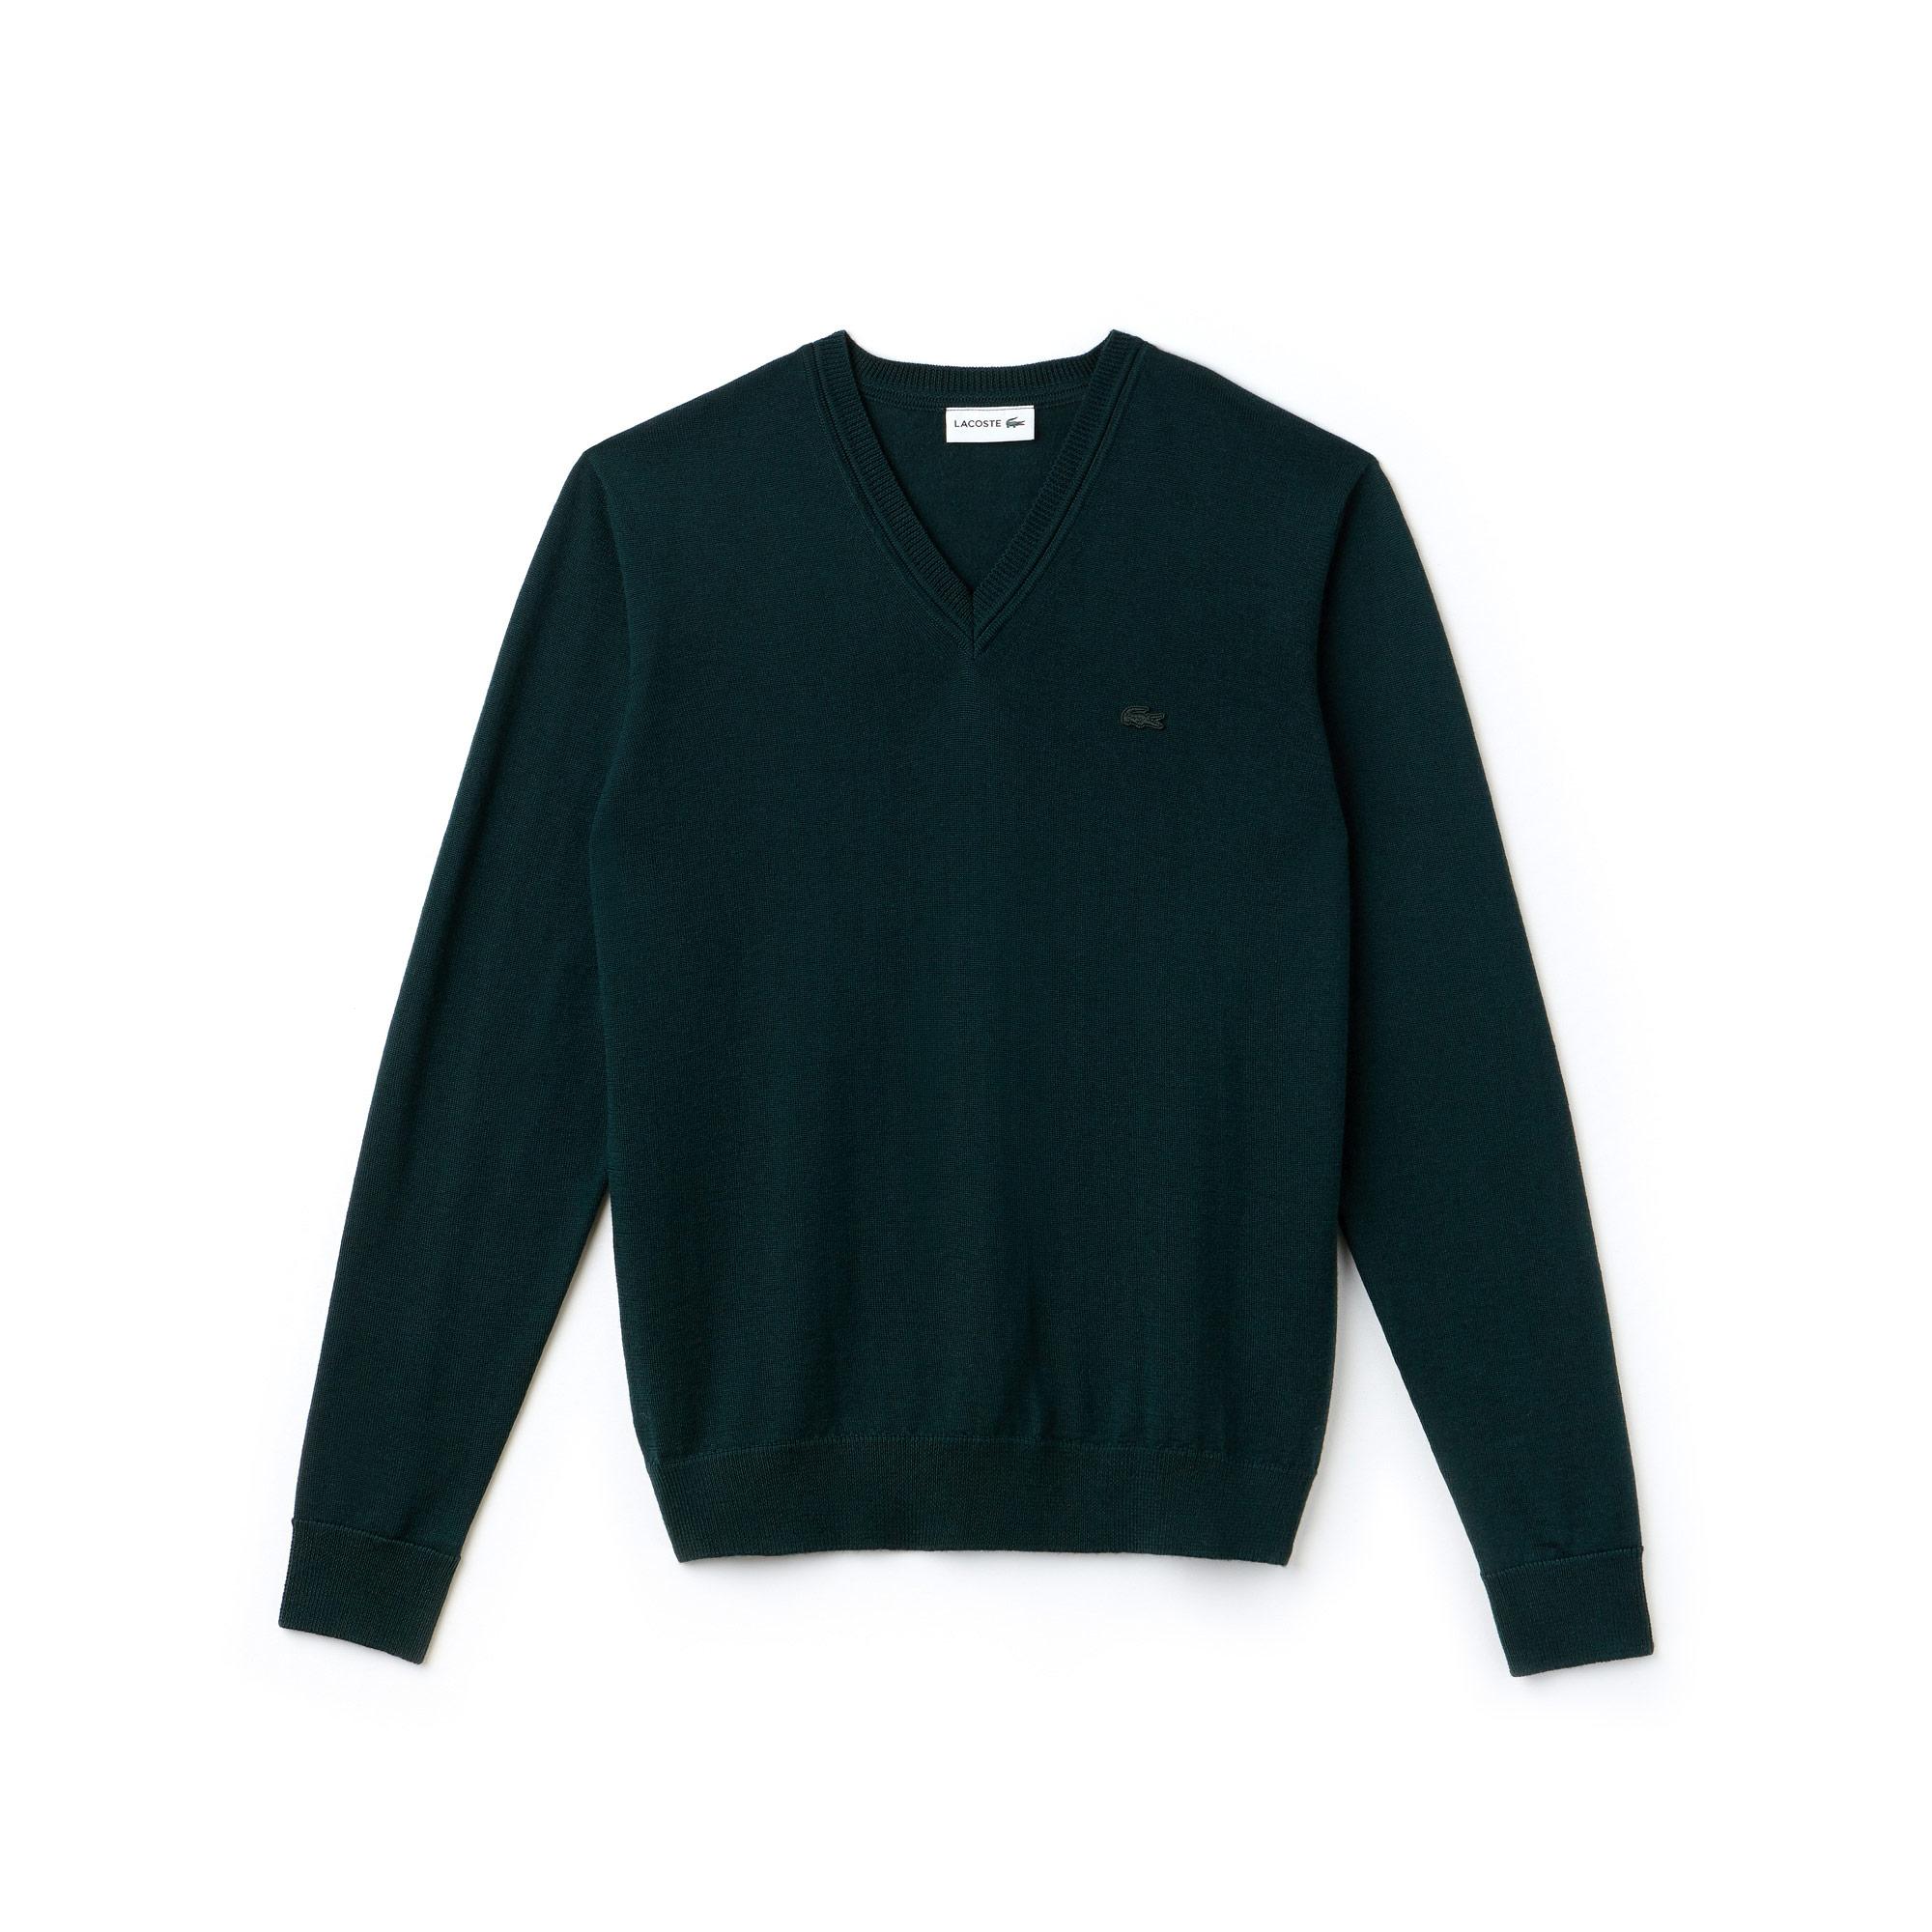 Lacoste Men's V-Neck Wool Jersey Sweater